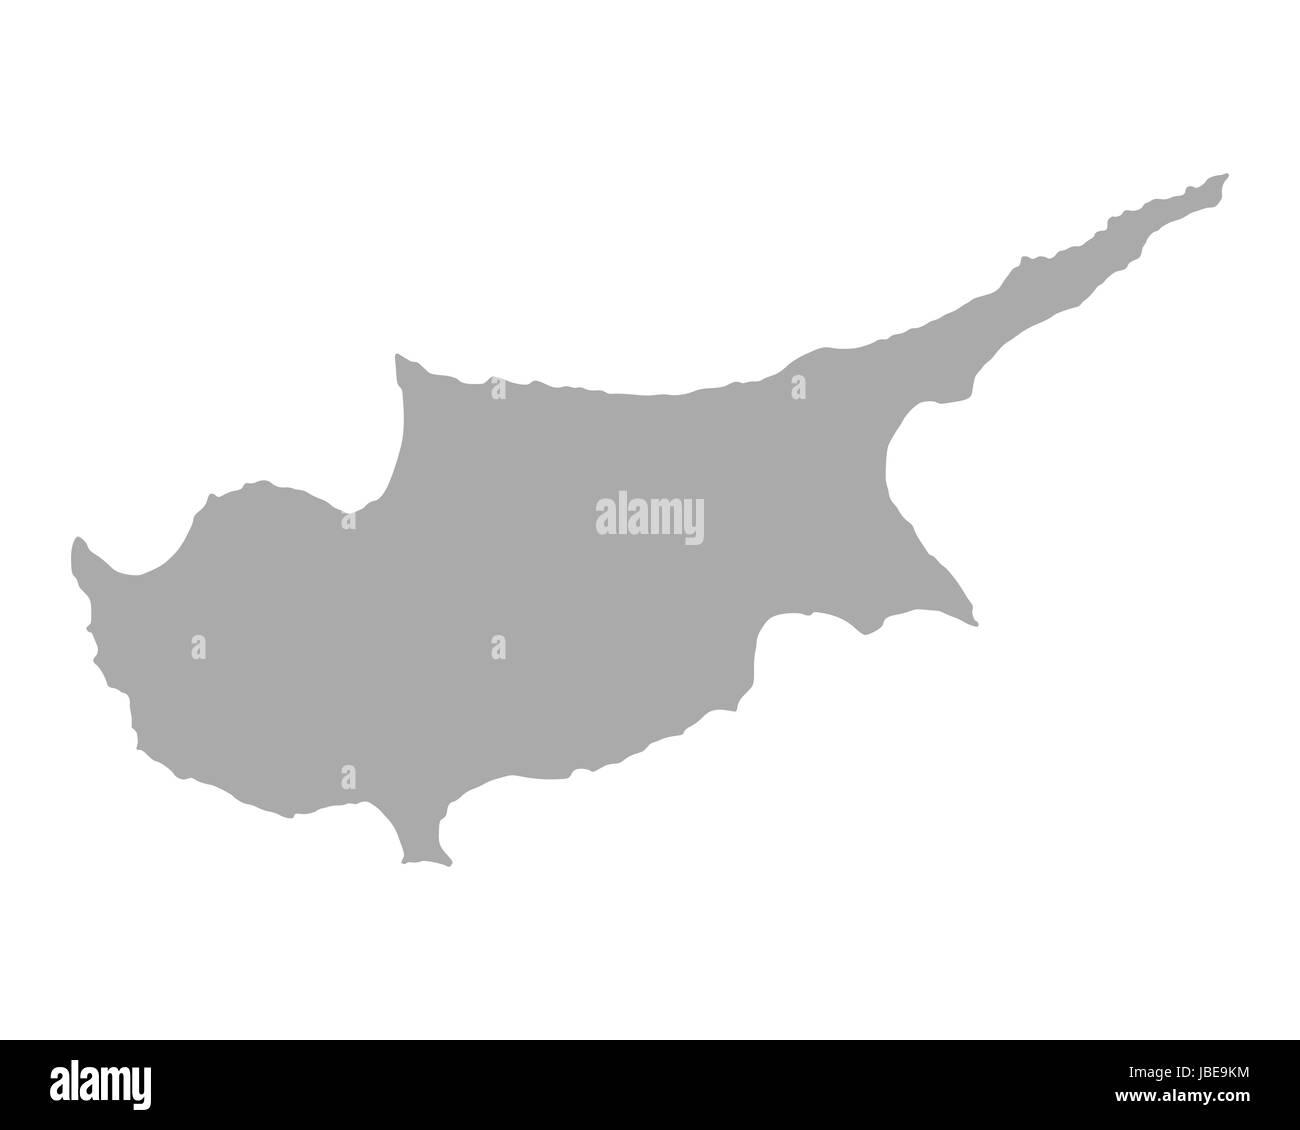 Karte von Zypern - Stock Image